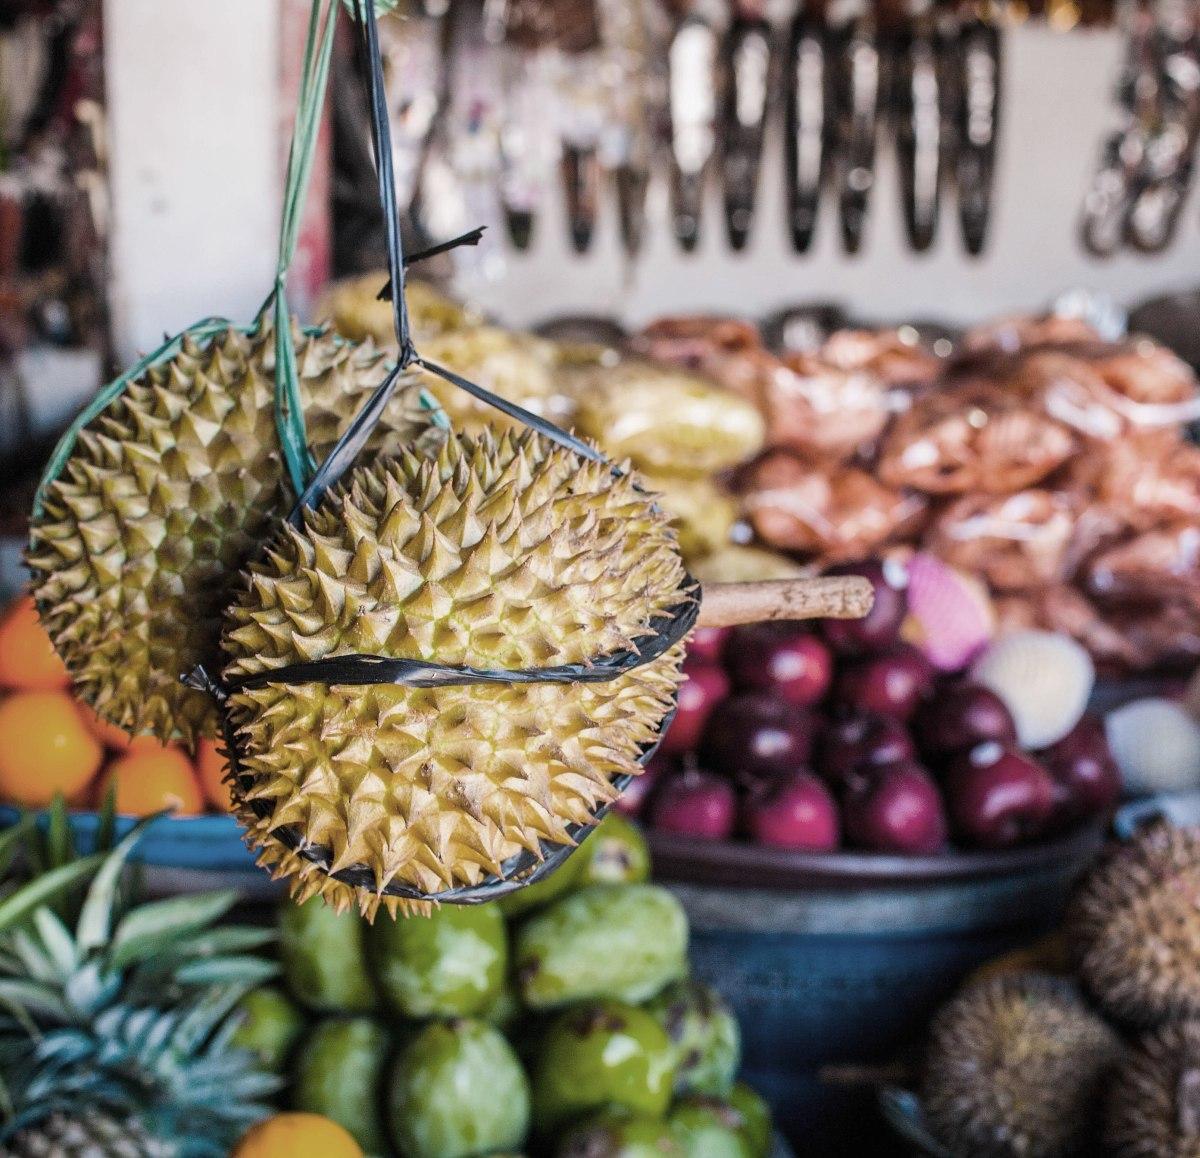 Цены в Индонезии в 2020 году: стоимость жизни и путешествий